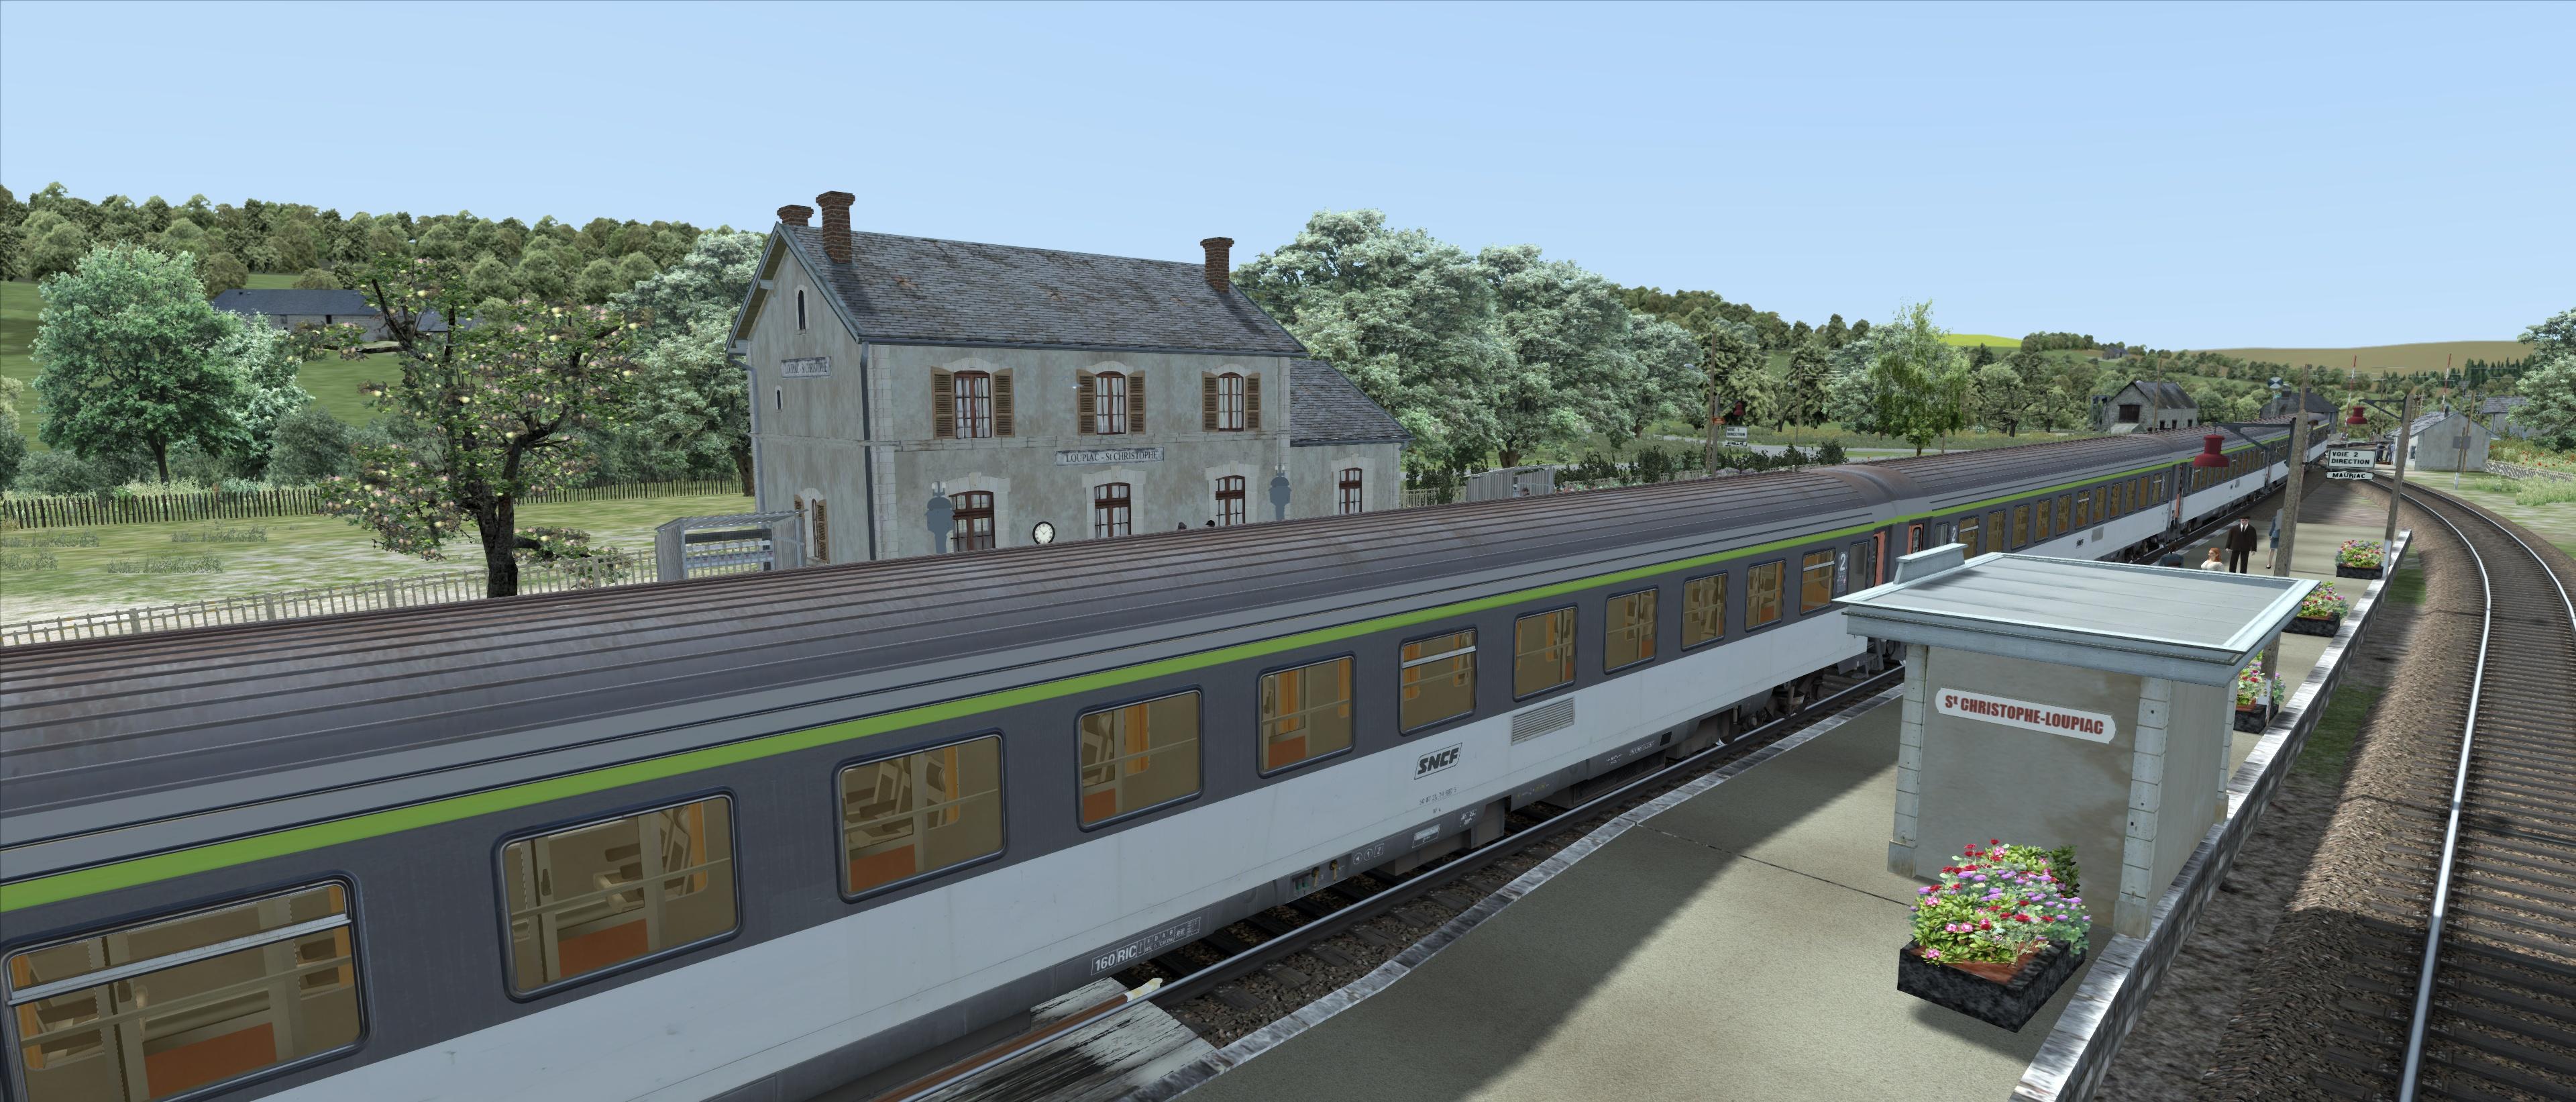 Railsim-fr com » Le 1er portail français dédié à Train Simulator et